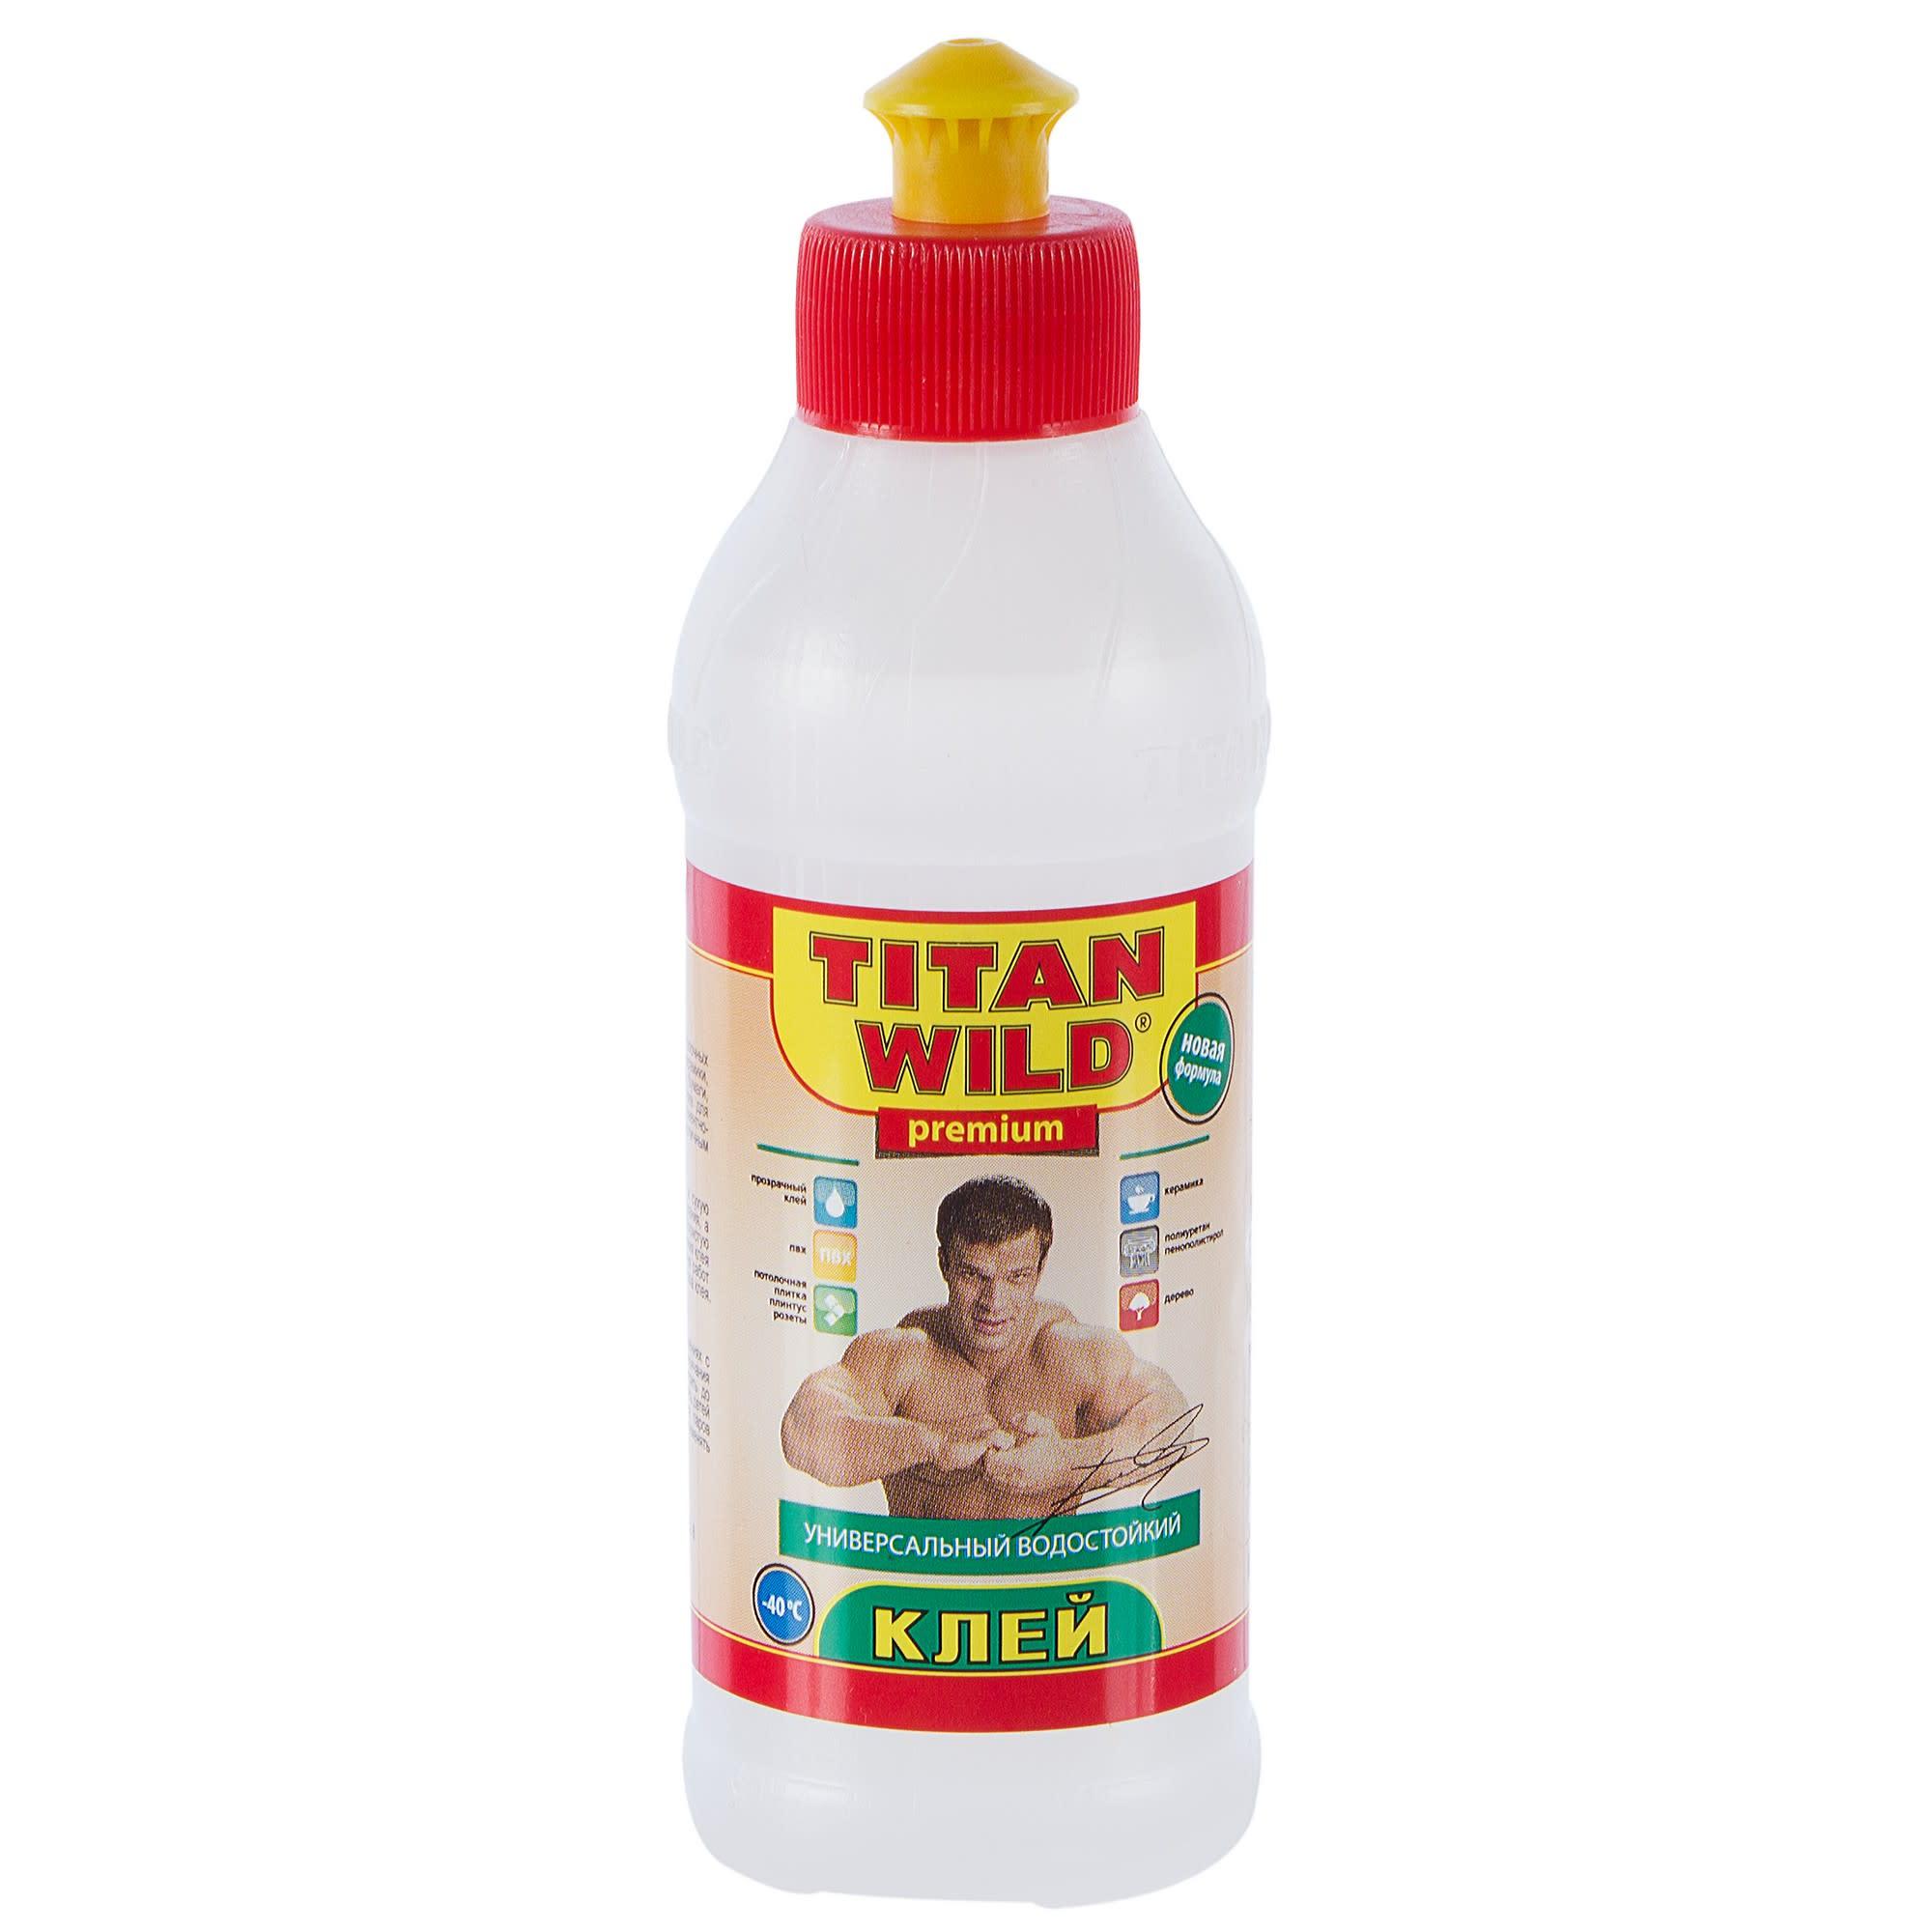 Клей титан в картинках